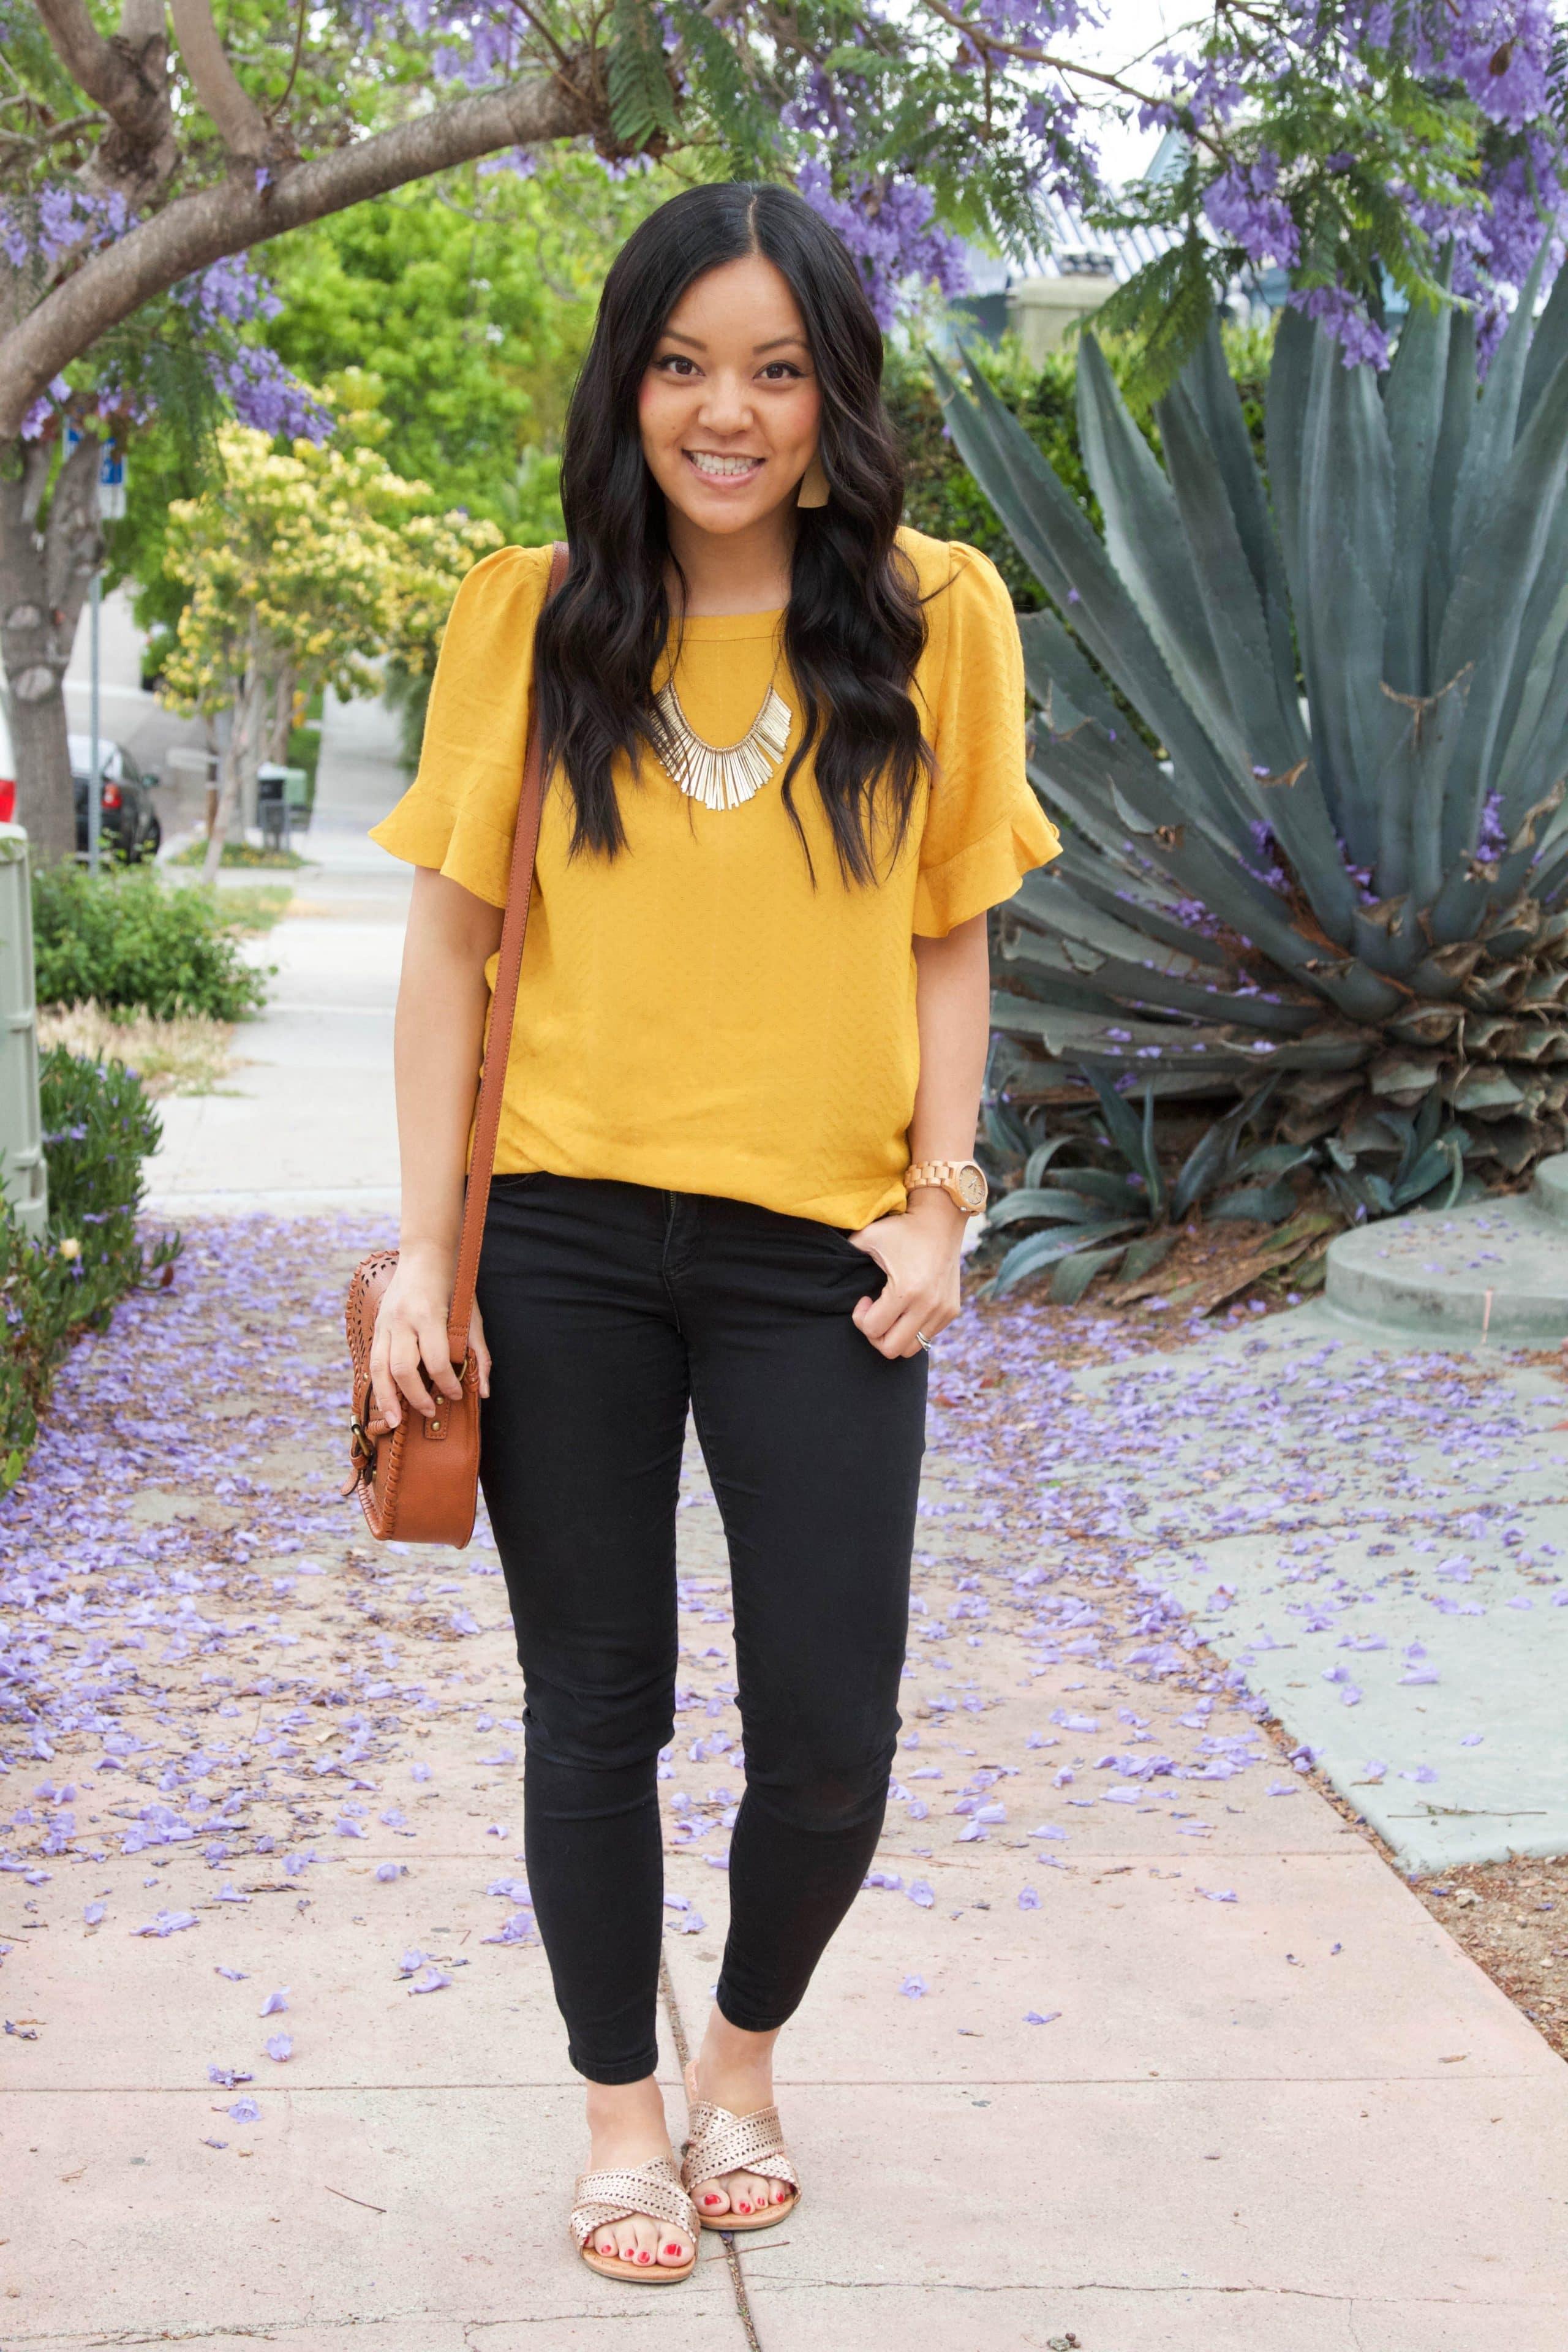 Marigold Blouse + Black Jeans + Gold Sandals + Cognac Bag + Statement Necklace